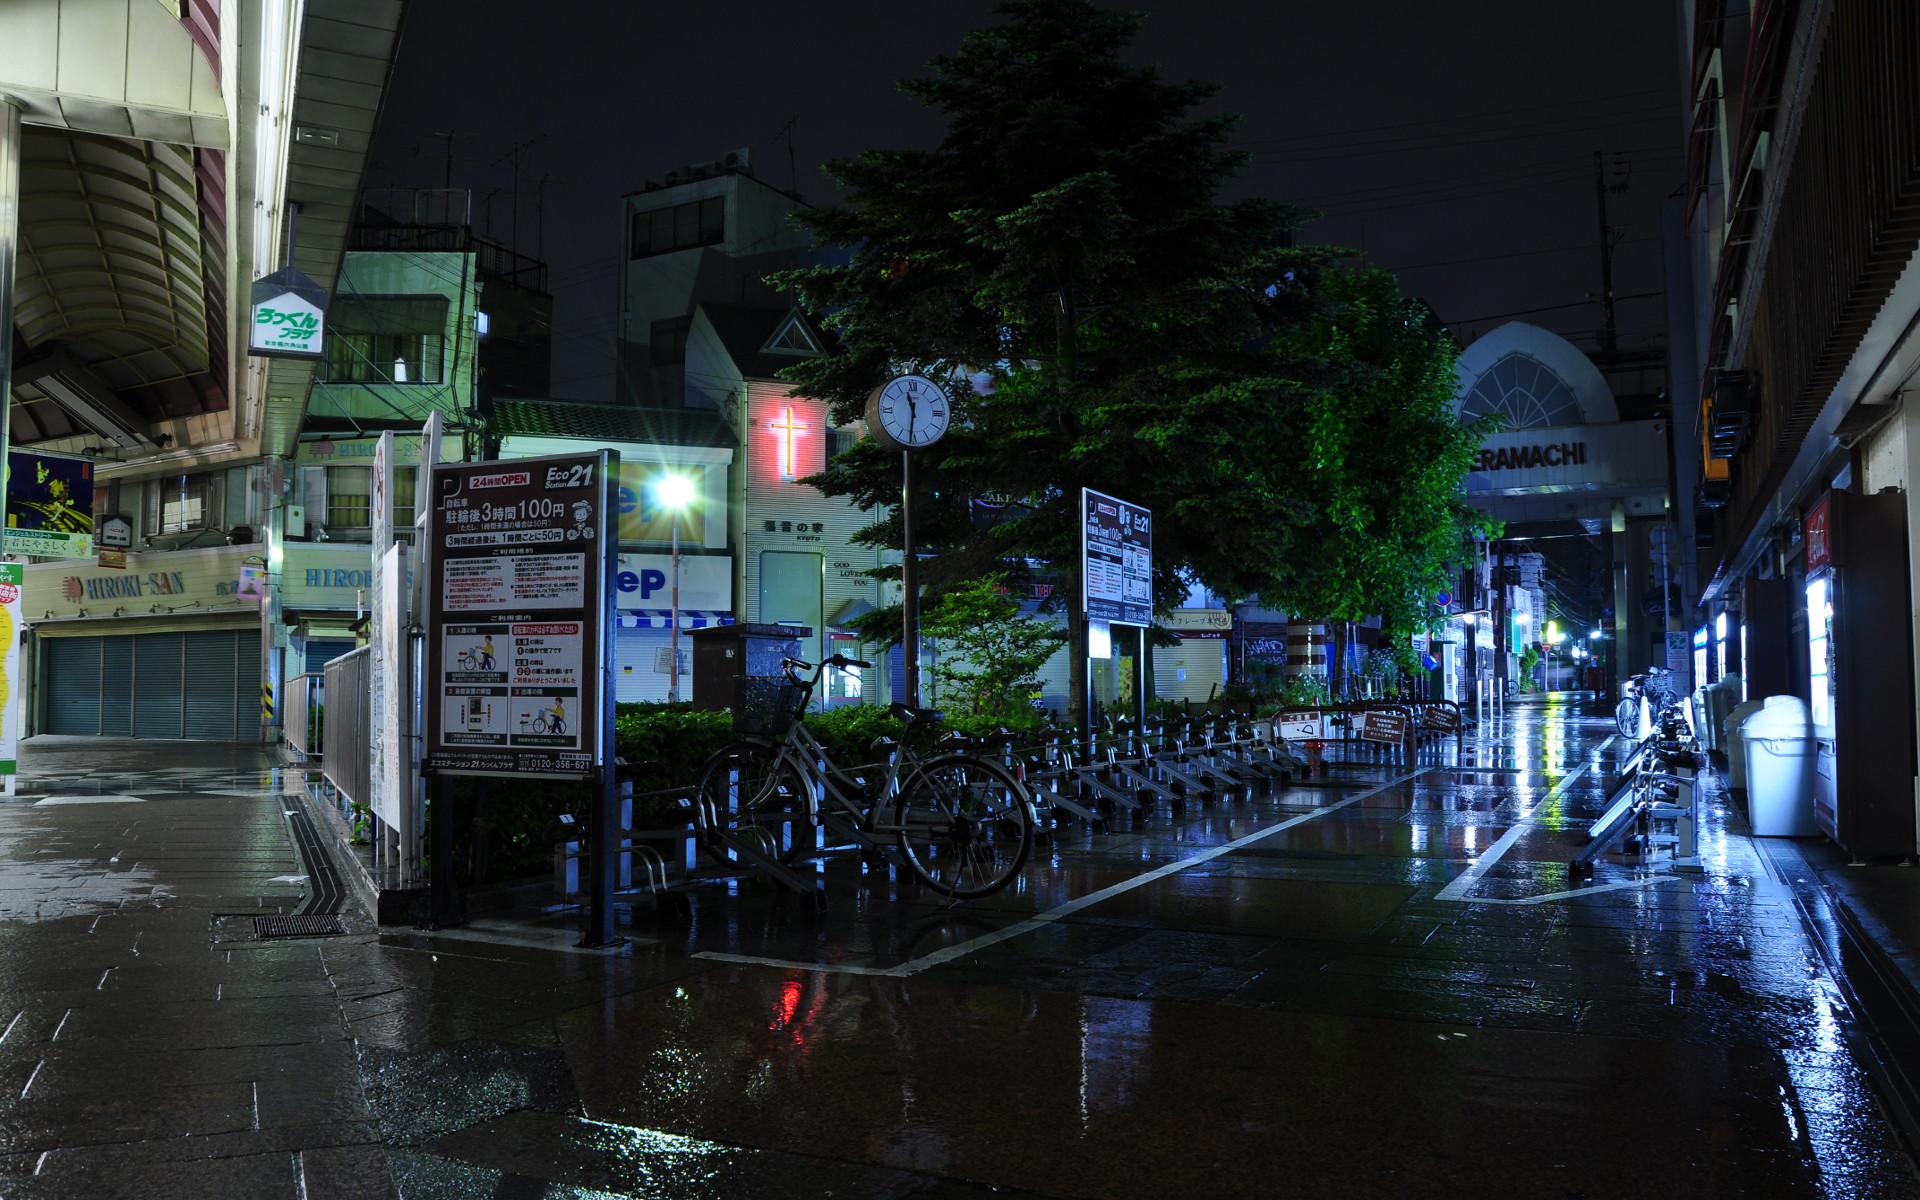 河原町 雨の日 の夜景壁紙集